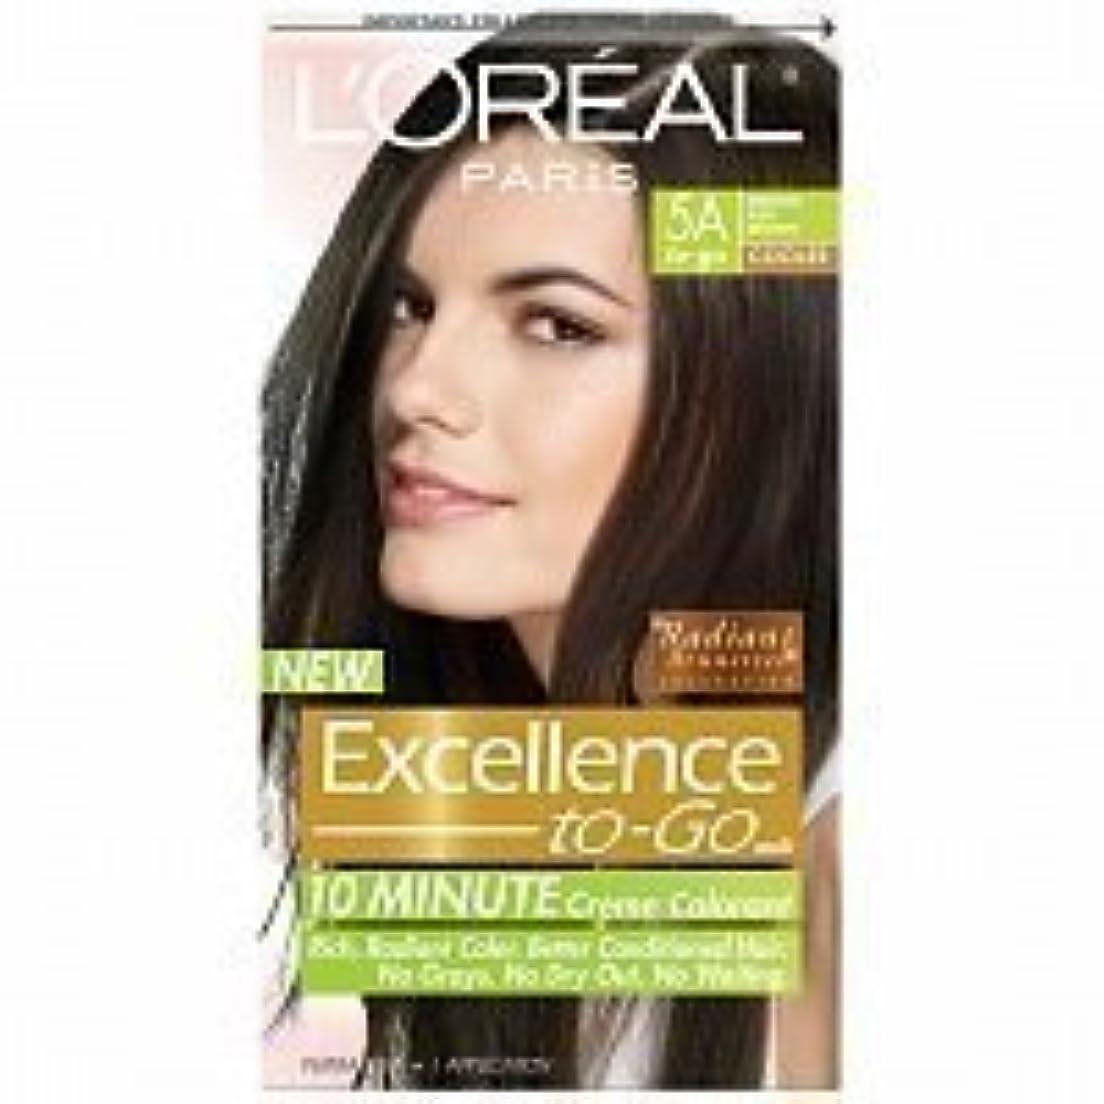 東ティモール体操選手評論家L'Oreal Paris Excellence To-Go 10-Minute Cr?N?Nme Coloring, Medium Ash Brown 5A by L'Oreal Paris Hair Color [並行輸入品]